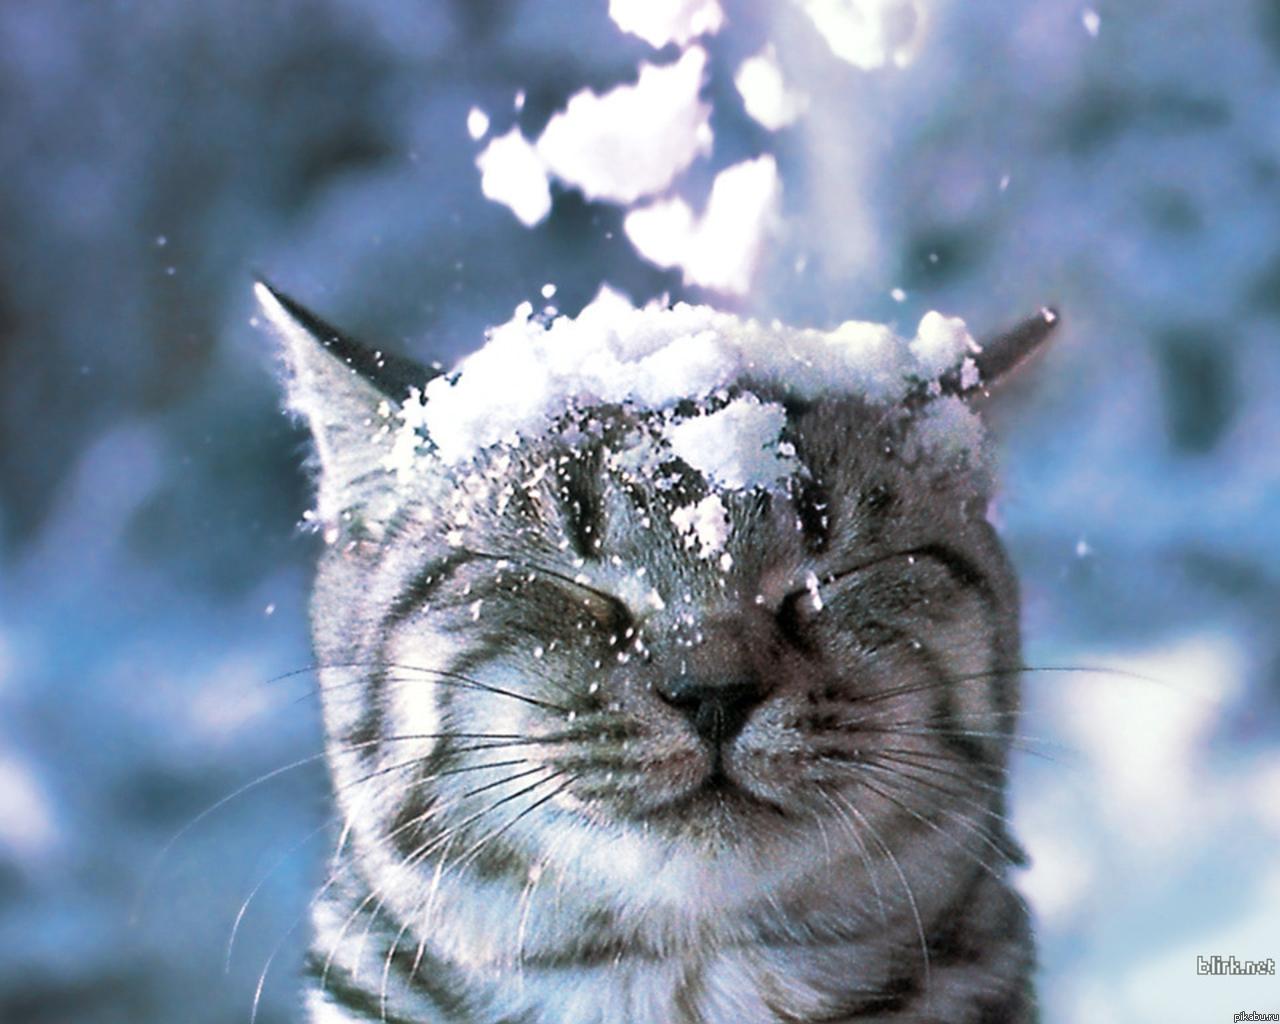 feral cat behavior kittens